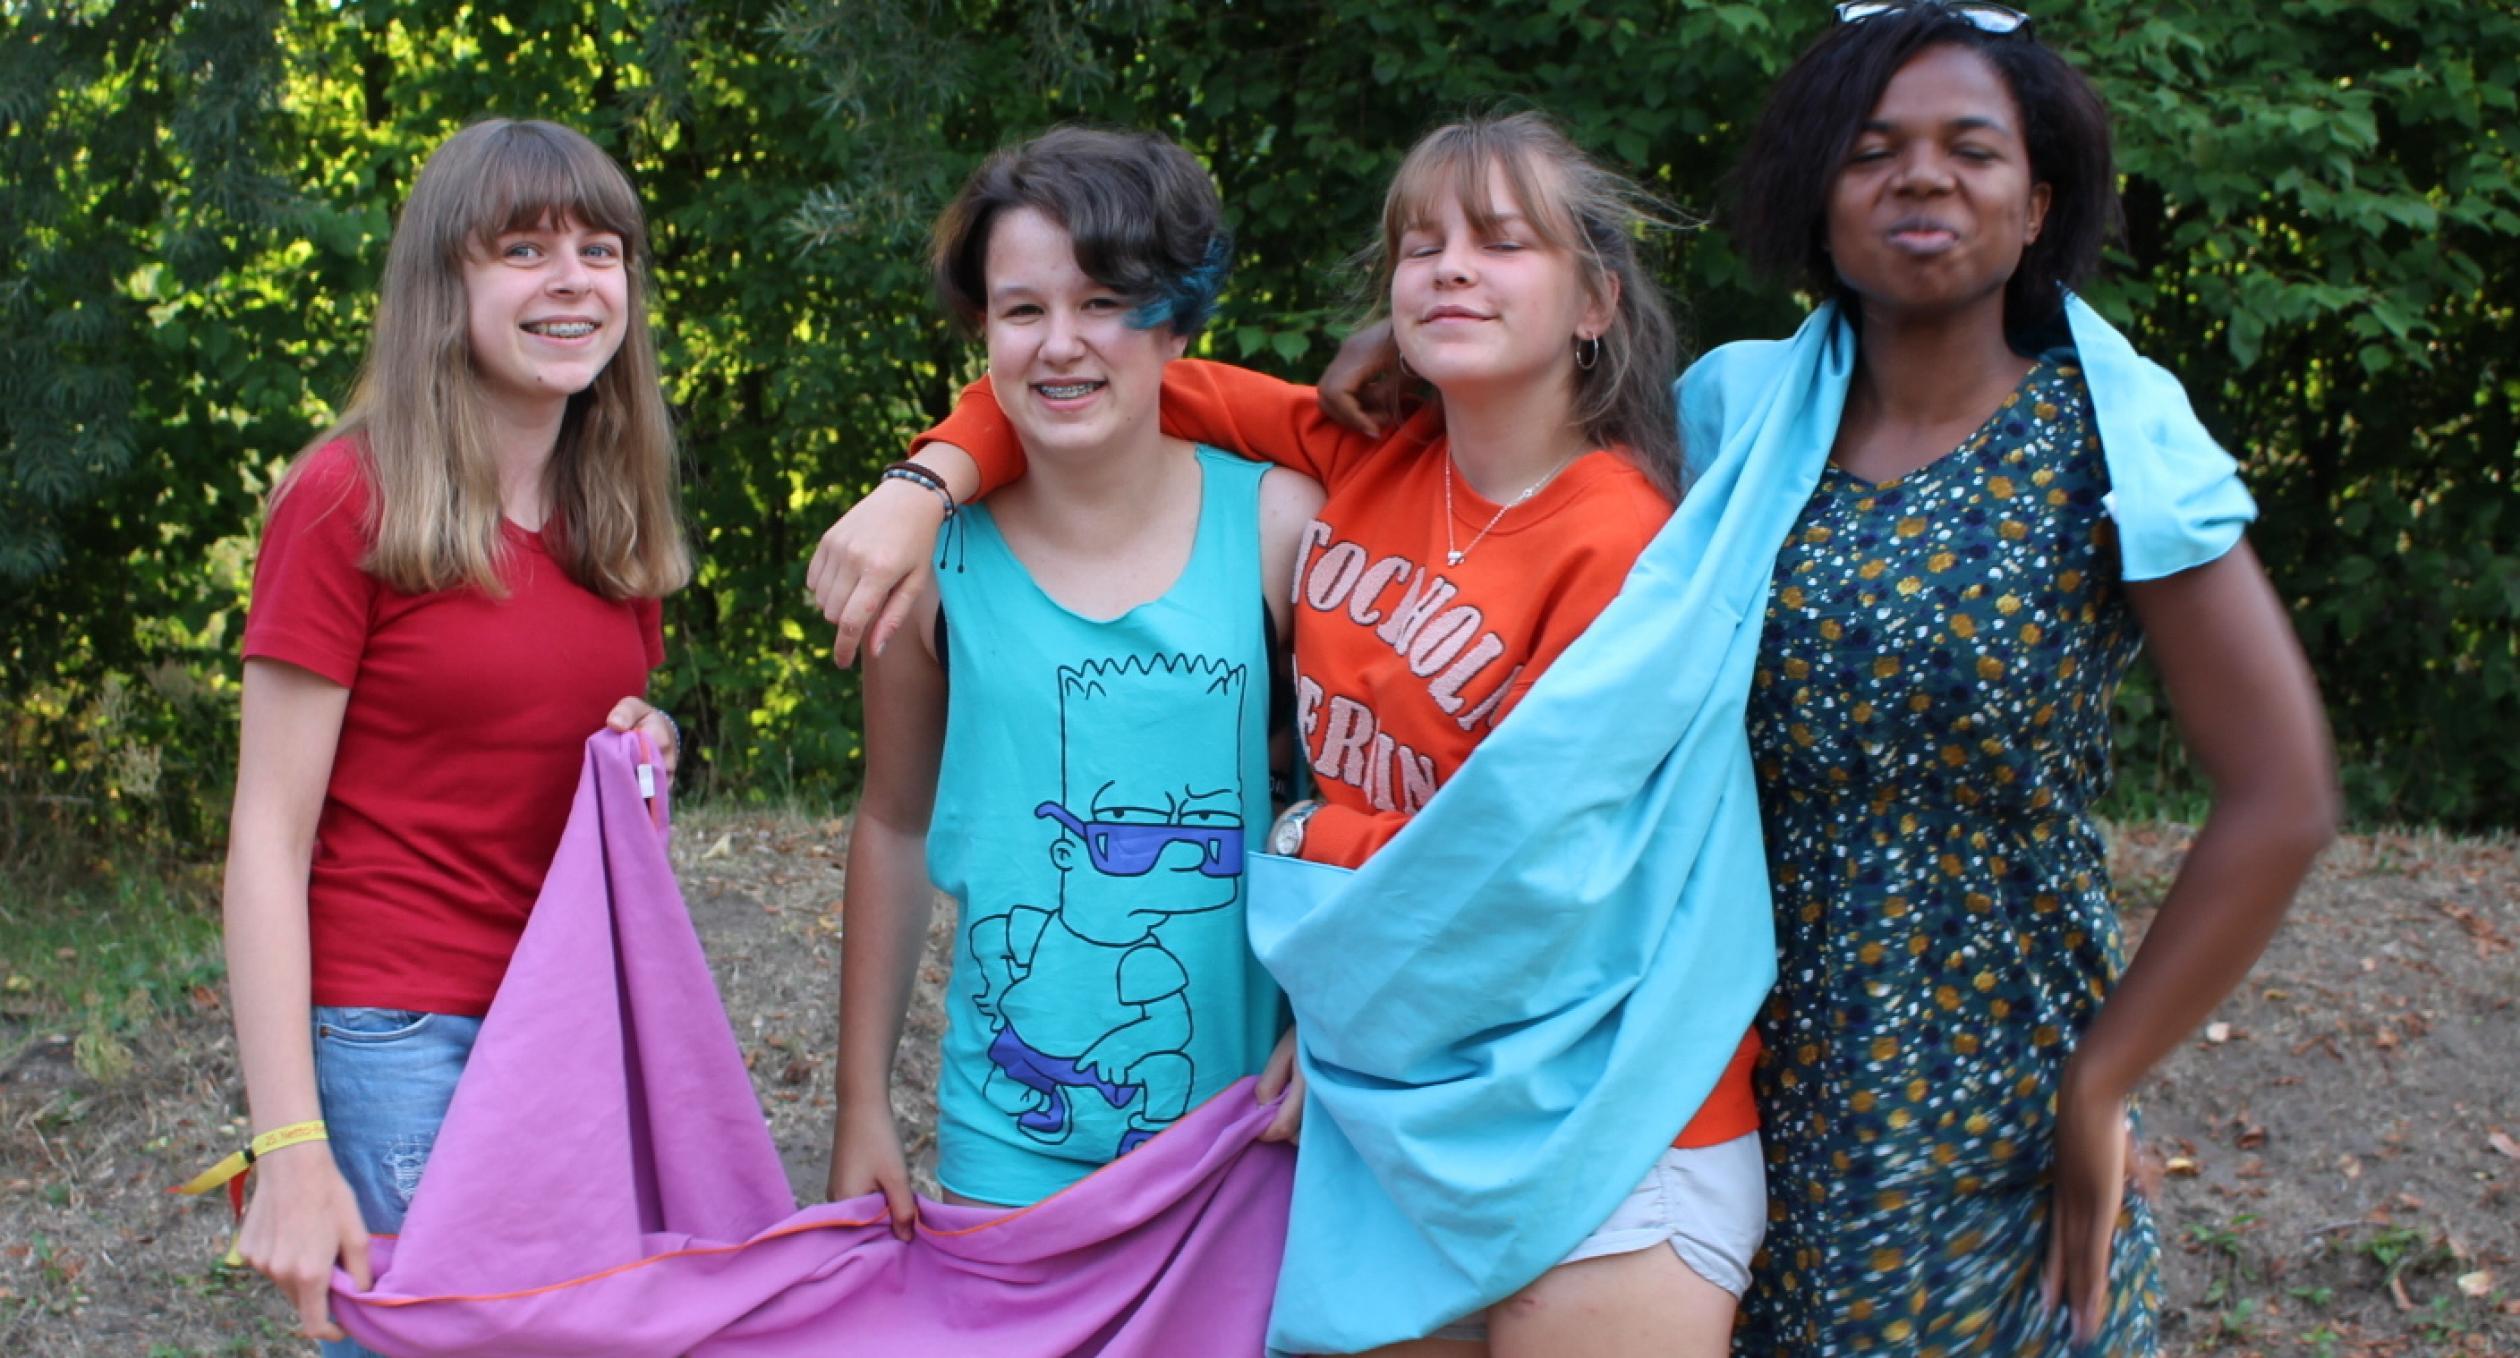 Mädchen beim Deutsch-polnischen Kultursommer 2018